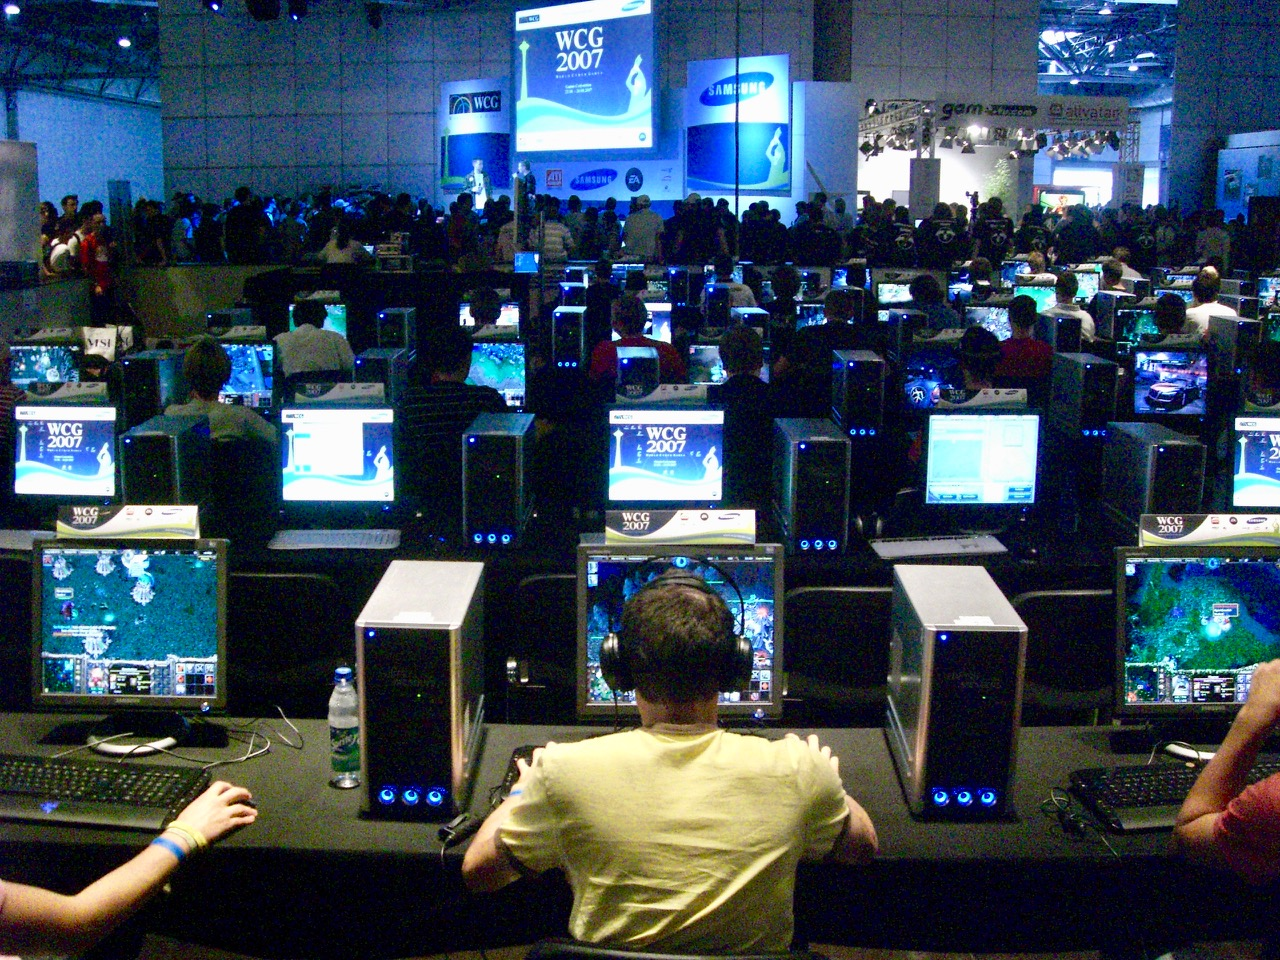 E-Sport auf der GC. Die World Cyber Games (WCG) waren ein offizieller Teil der Messe. (Bild: André Eymann)